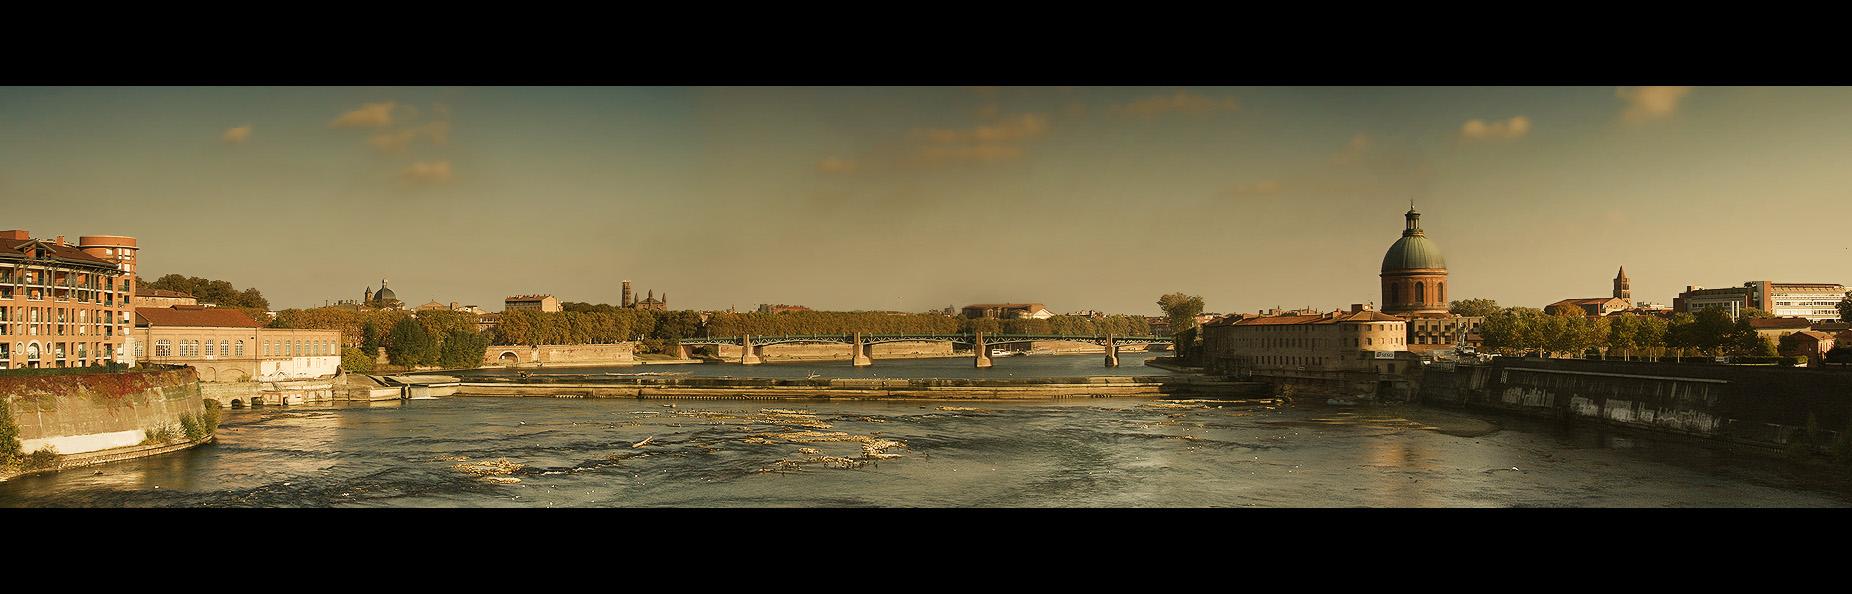 Toulouse skyline by s-l-e-e-p-y-h-e-a-d